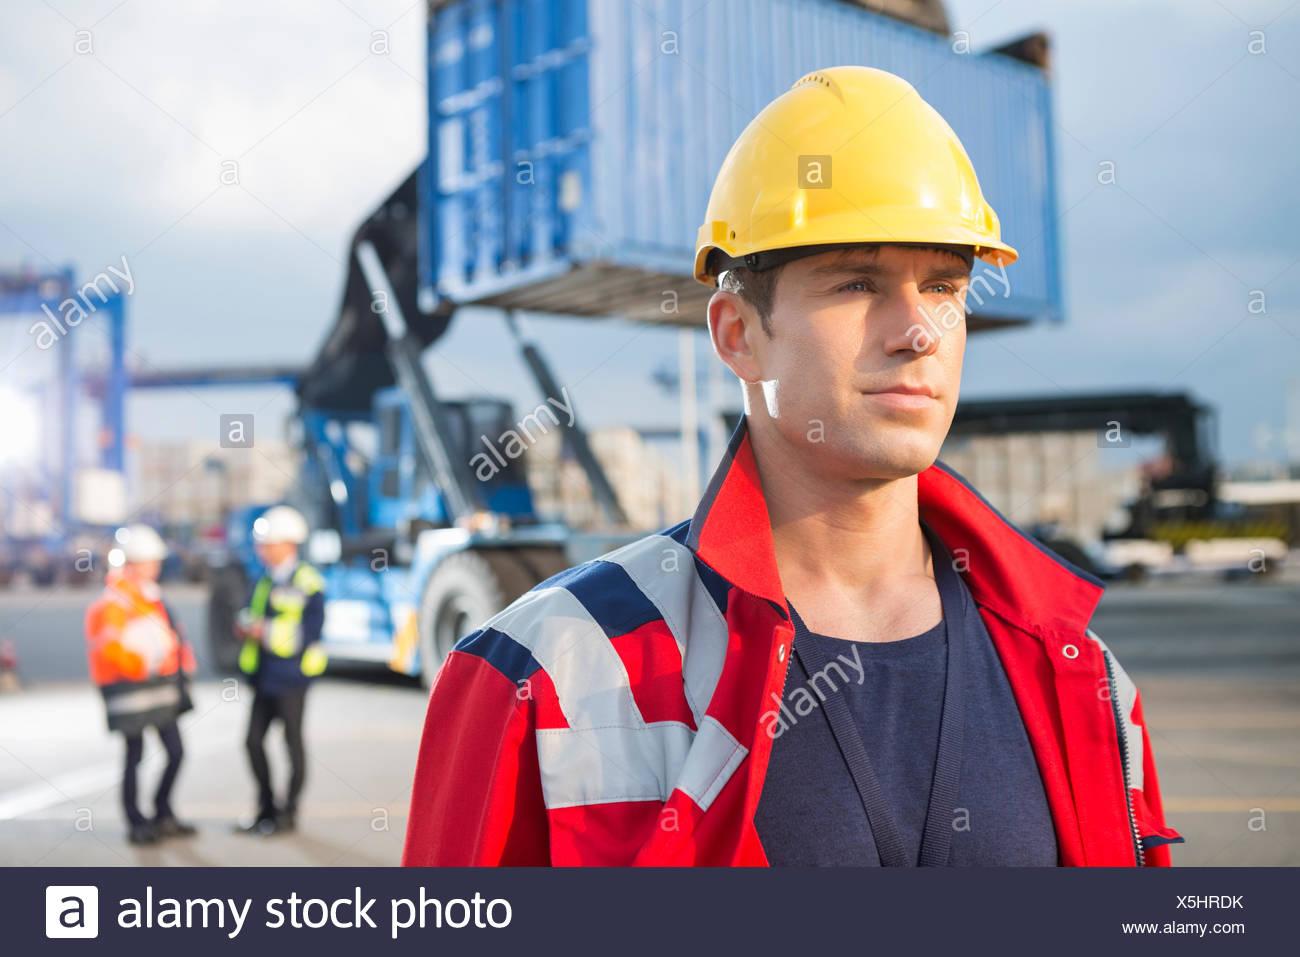 Seguros de trabajador masculino con colegas en el fondo al patio de envío Imagen De Stock